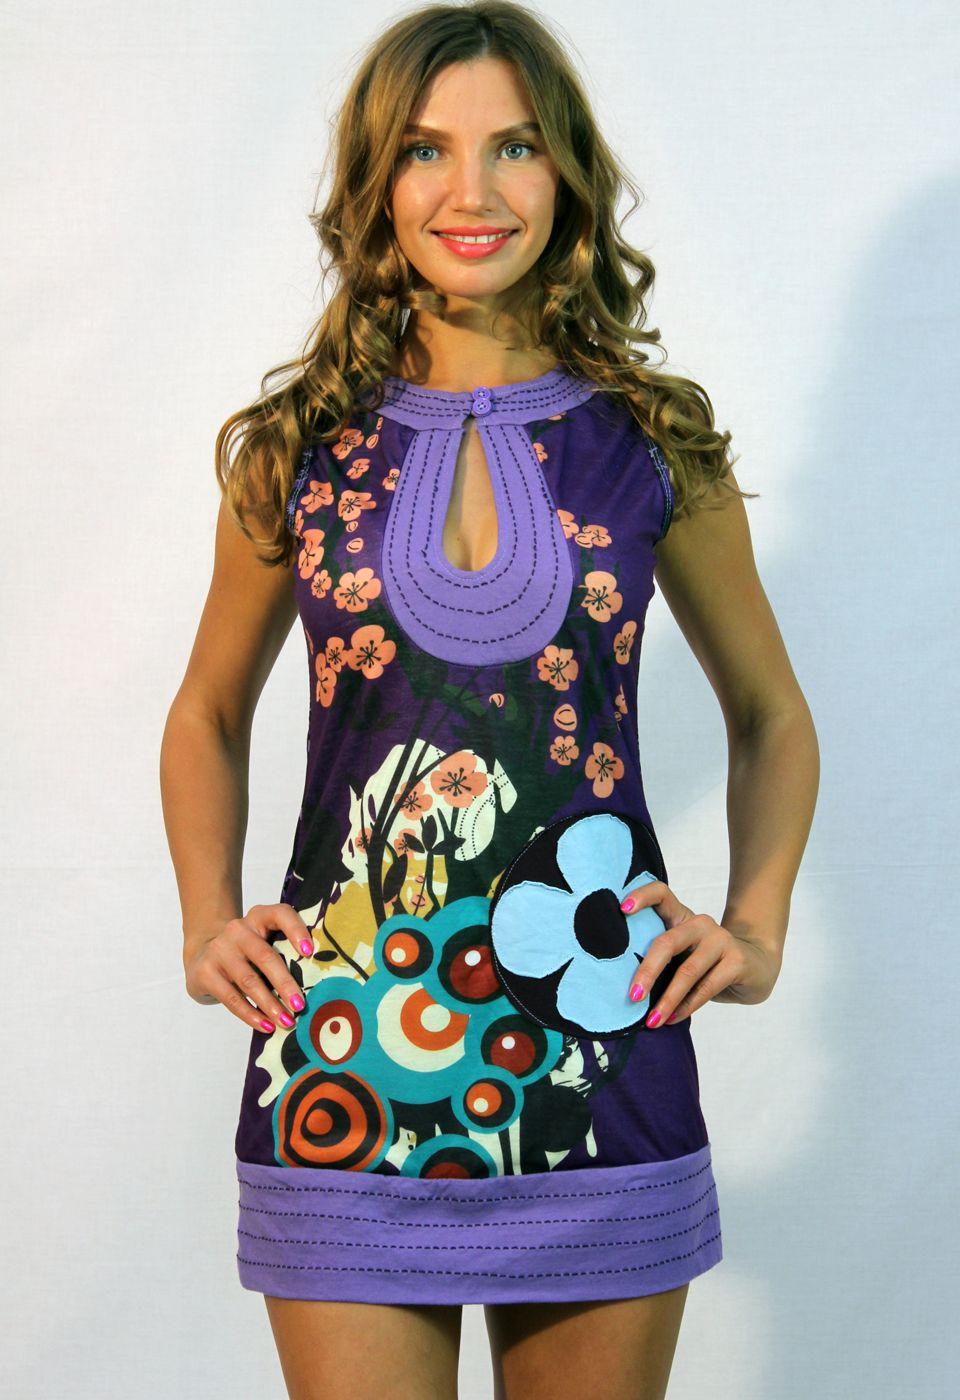 Сбор заказов. Lilu girl. Авторская одежда в стиле бохо, этно, винтаж, клубная. Только для ярких девушек.